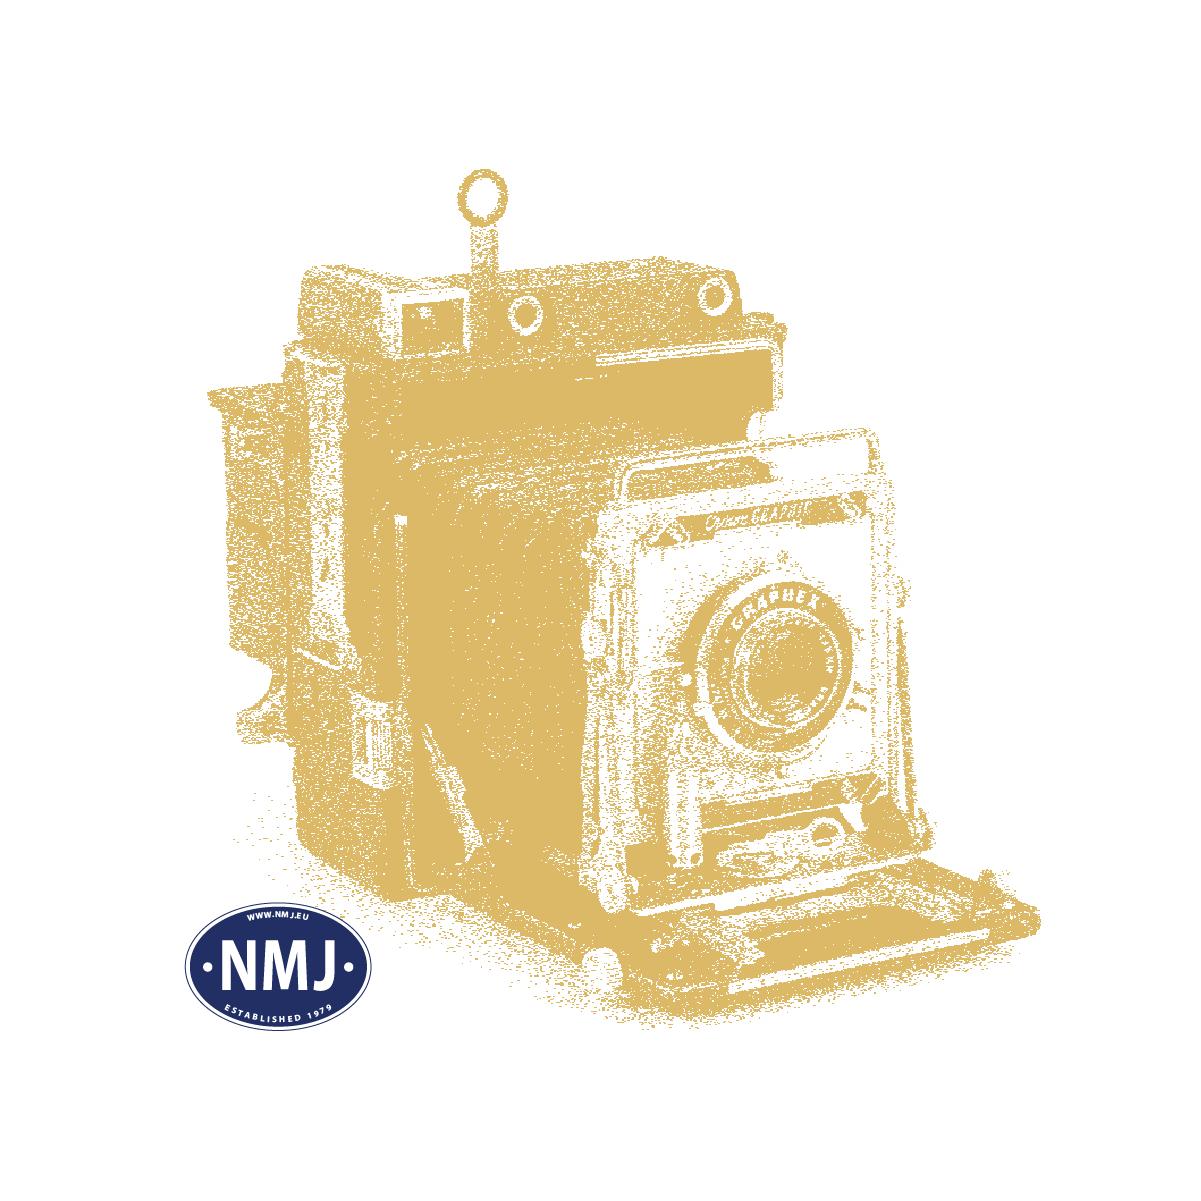 NMJT90013 - NMJ Topline NSB Di3a.614 alter Farbgebung, DCC m/Sound